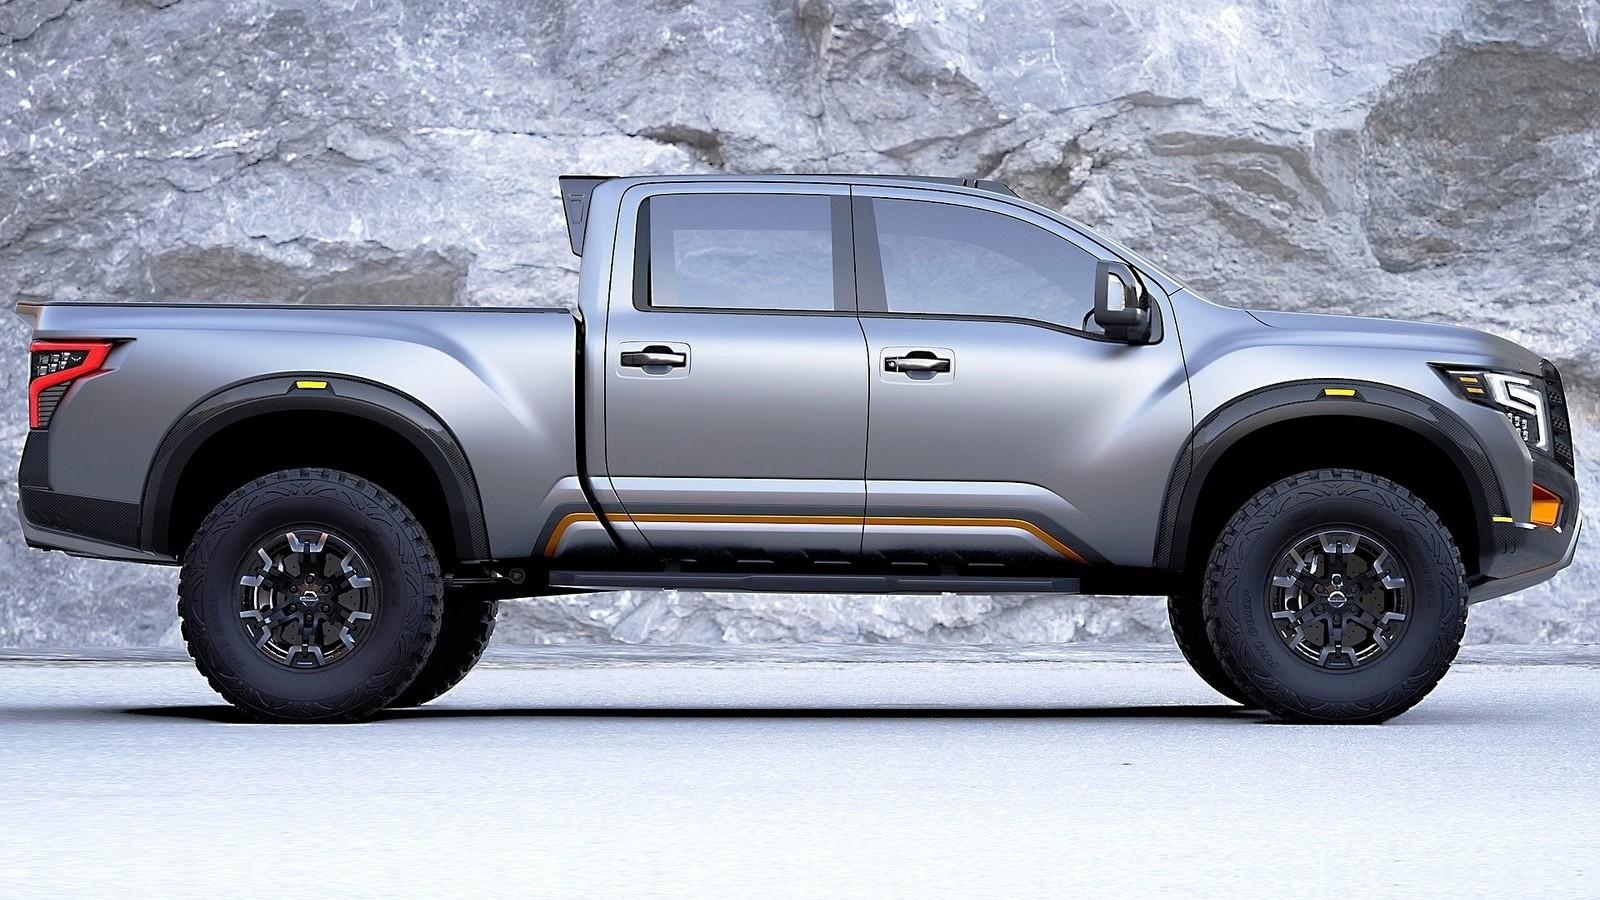 Nissan-Titan_Warrior_Concept-2016-1600-0a